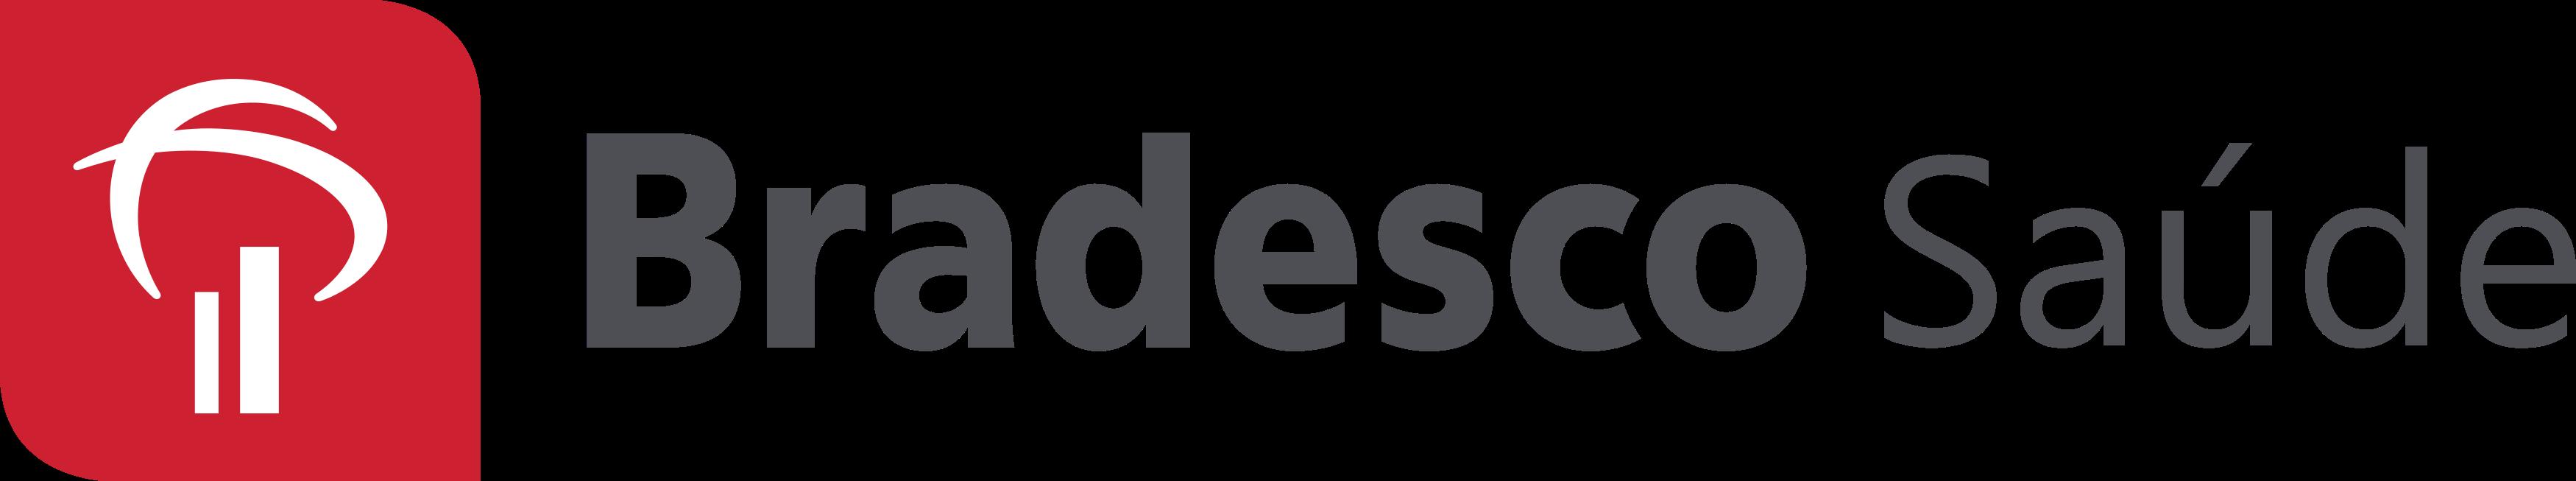 bradesco-saude-logo-1